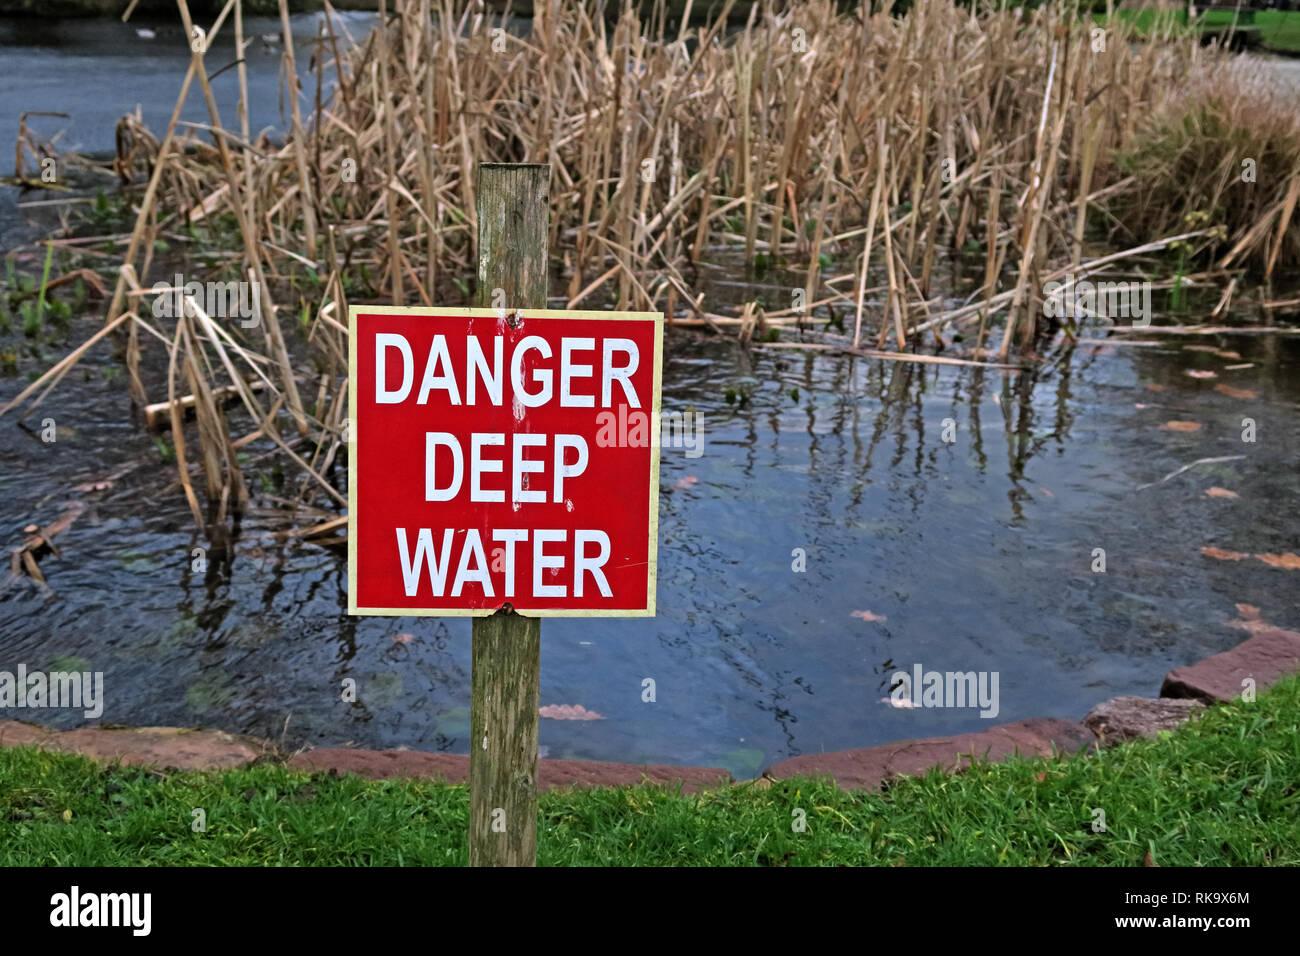 Laden Sie dieses Alamy Stockfoto Gefahr tiefe Wasser unterzeichnen, in einer gefährlichen Teich, grappenhall Hays - RK9X6M